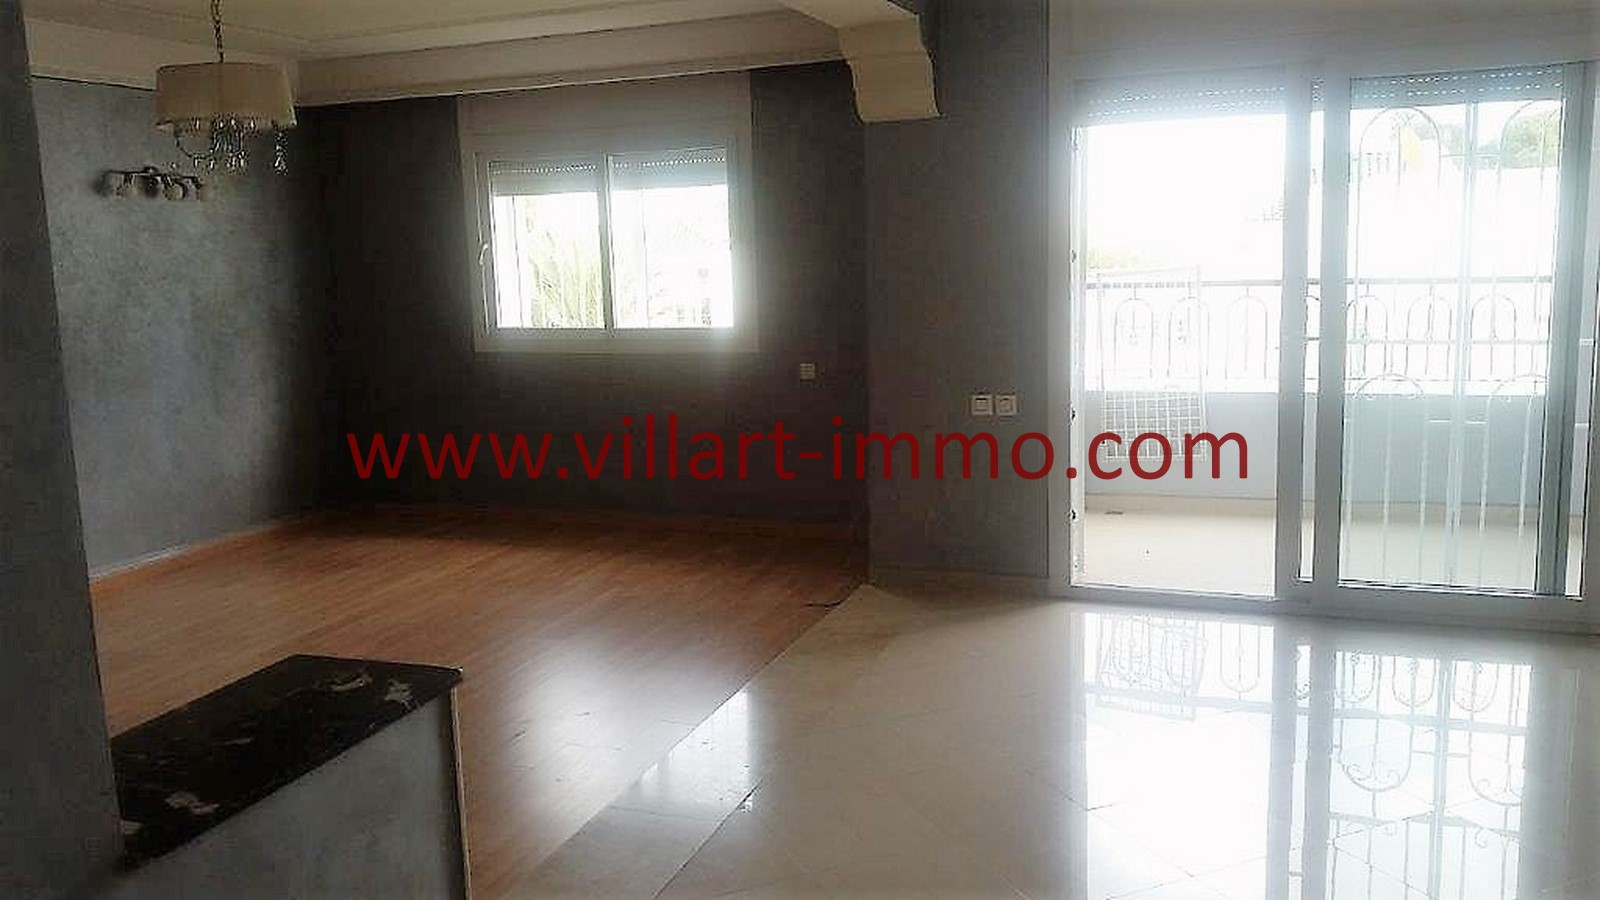 4-Location-appartement-Non meublé-Tanger-Californie-Salon-L1028